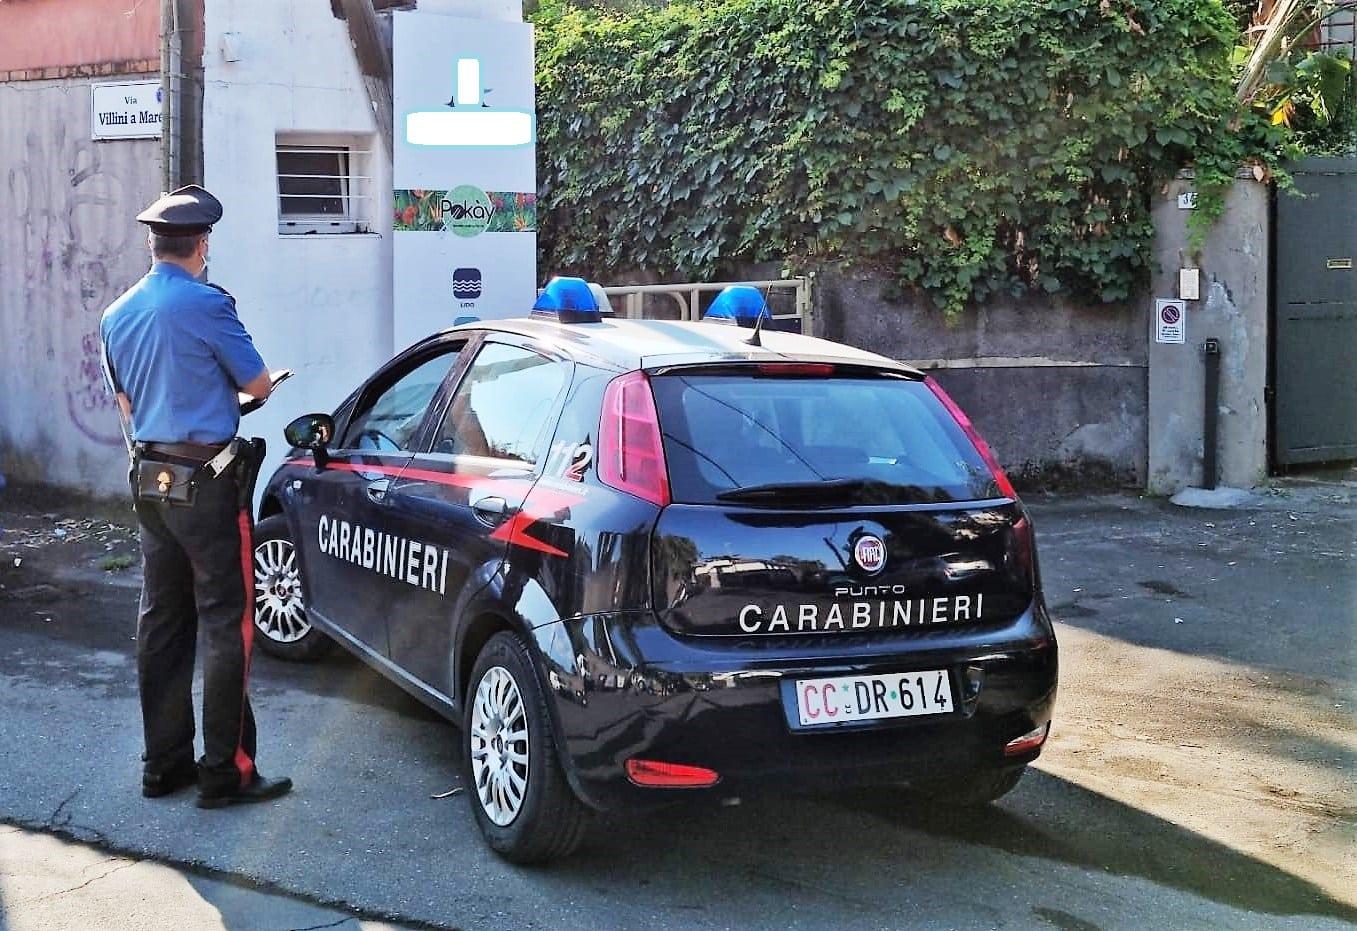 Parcheggiatori abusivi a Catania, beccati due pregiudicati in via Villini: scattano le sanzioni